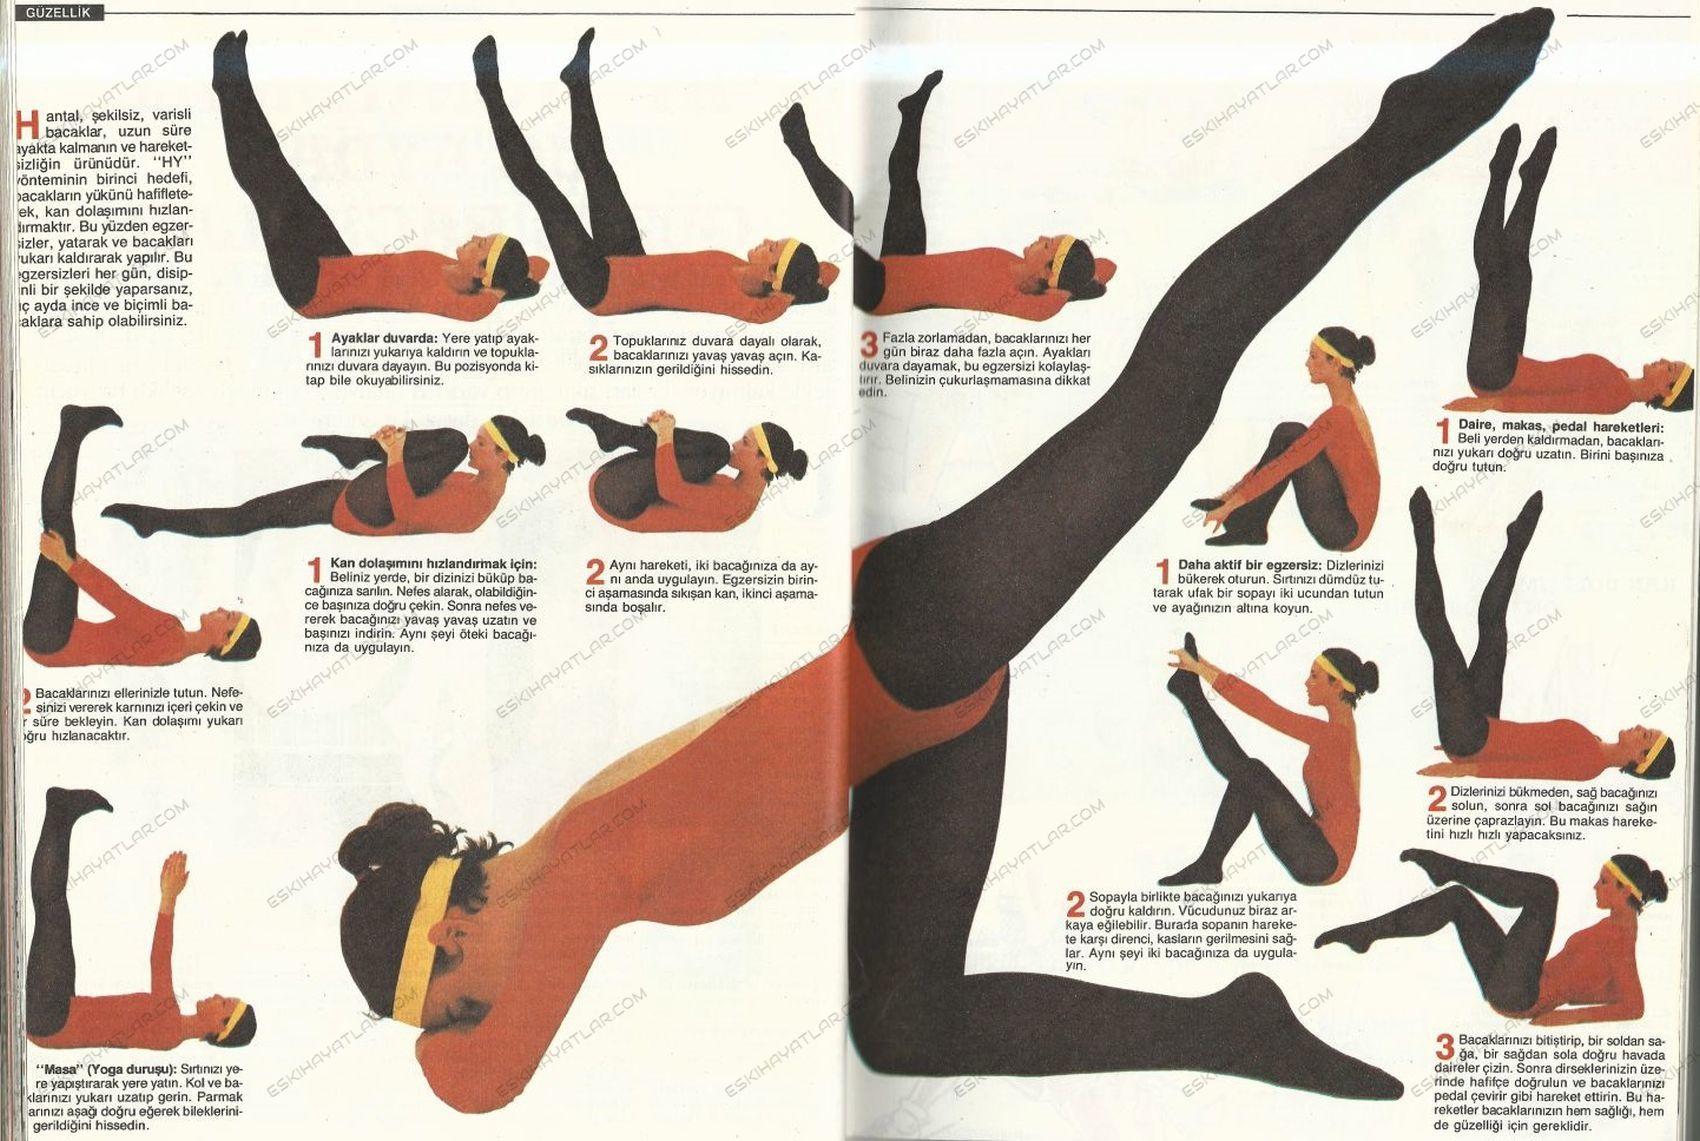 0285-seksenli-yillarda-aerobik-firtinasi-1985-yilinda-kadin-olmak